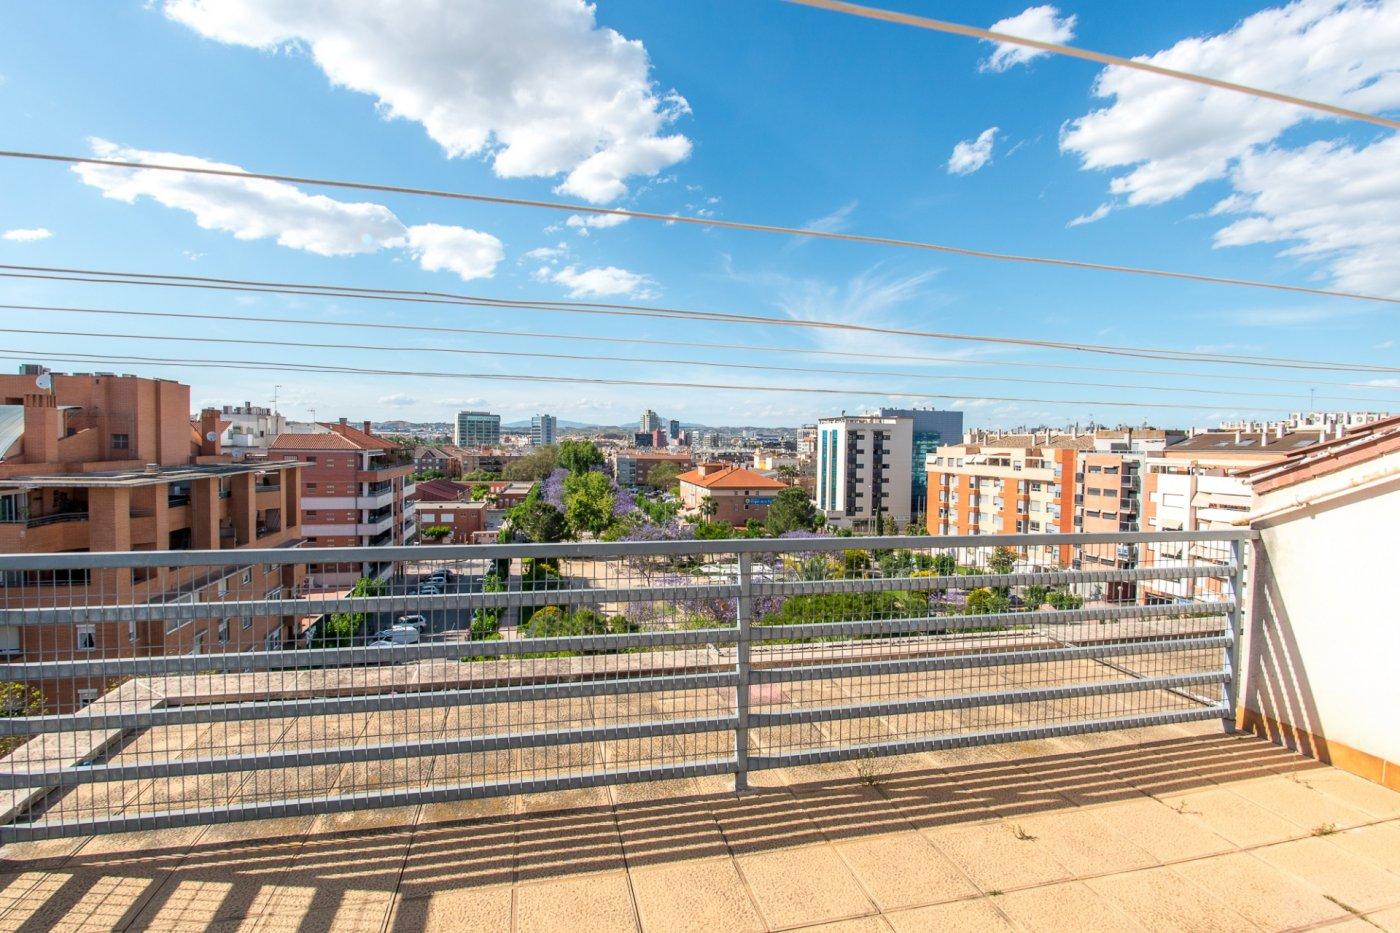 Piso · Murcia · El Ranero - San Basilio 139.900€€